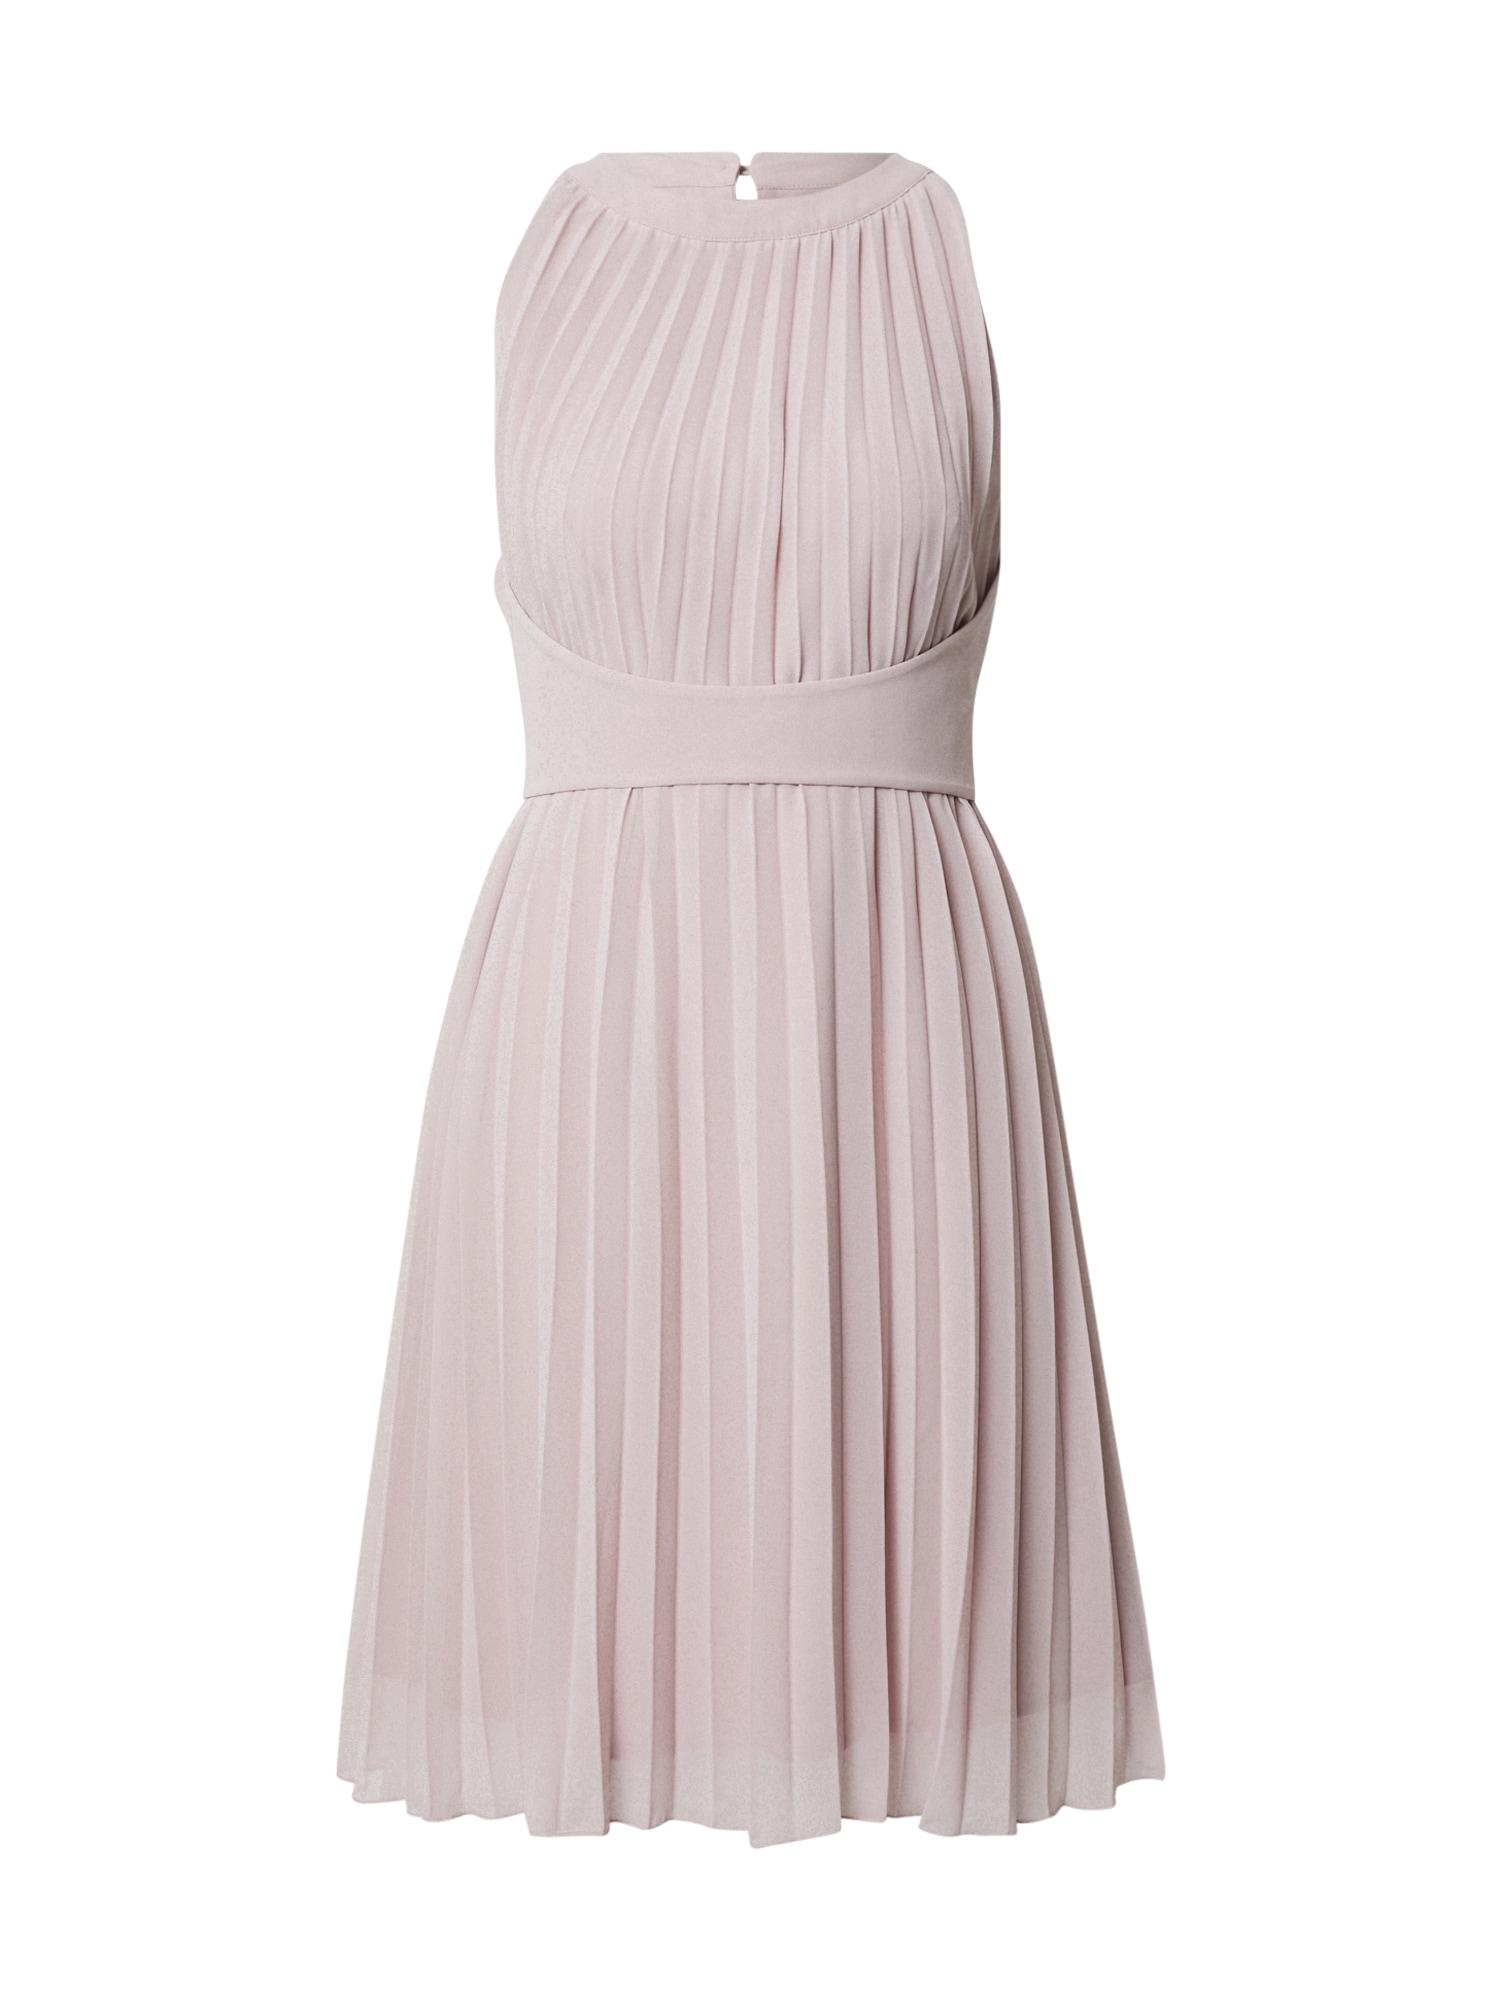 APART Kokteilinė suknelė rausvai violetinė spalva